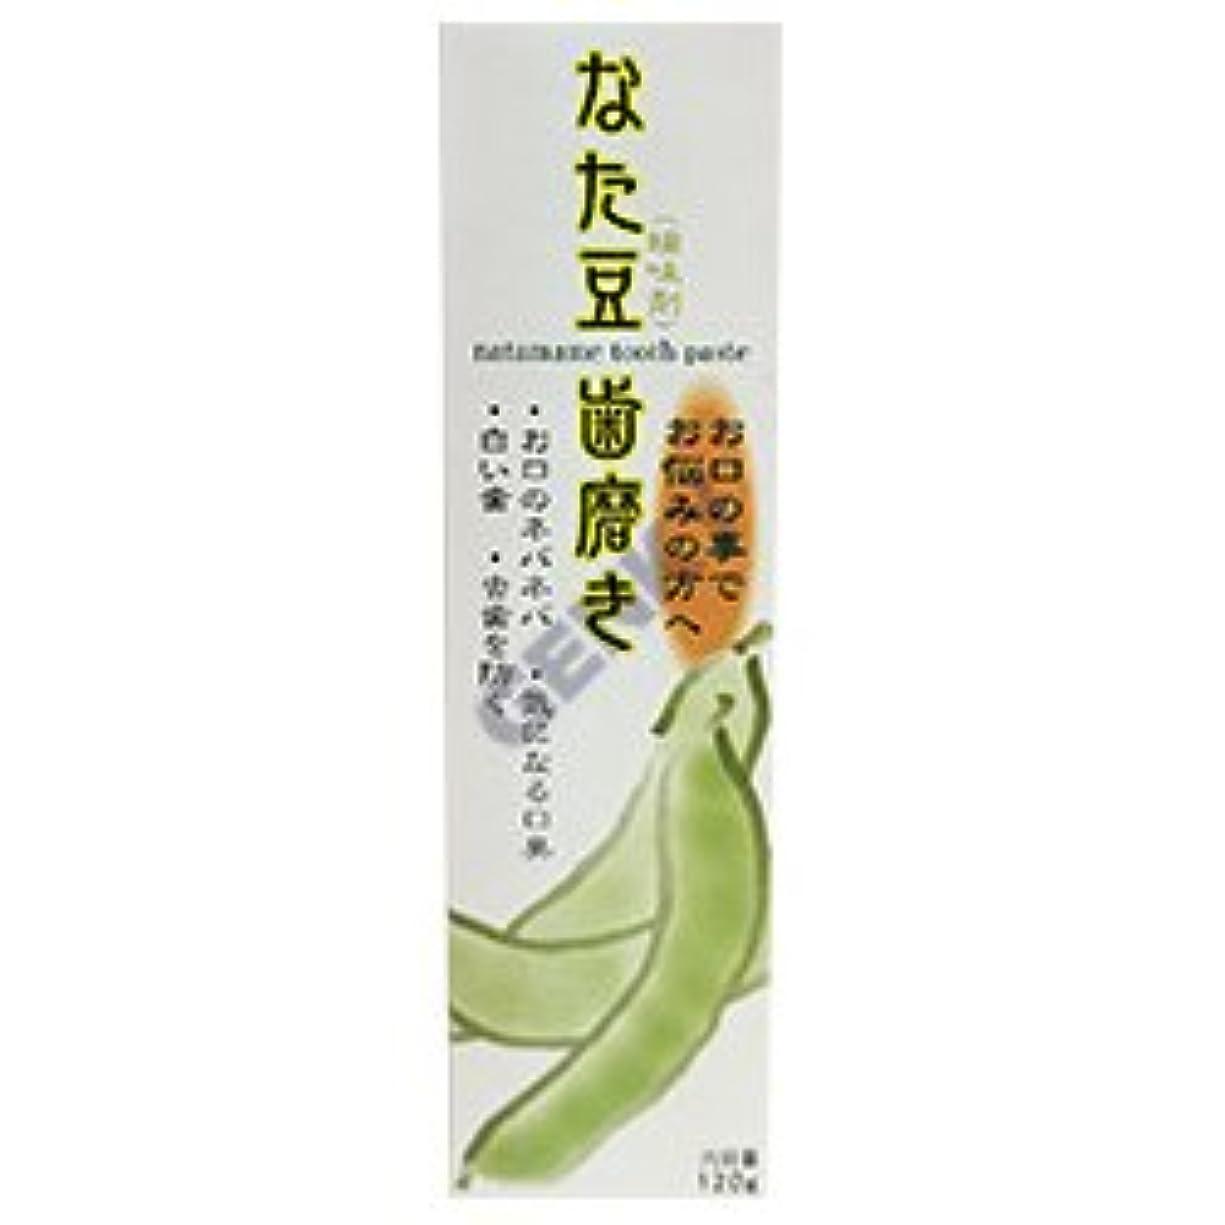 動物園スタウト受信【モルゲンロート】なた豆歯磨き 120g ×3個セット